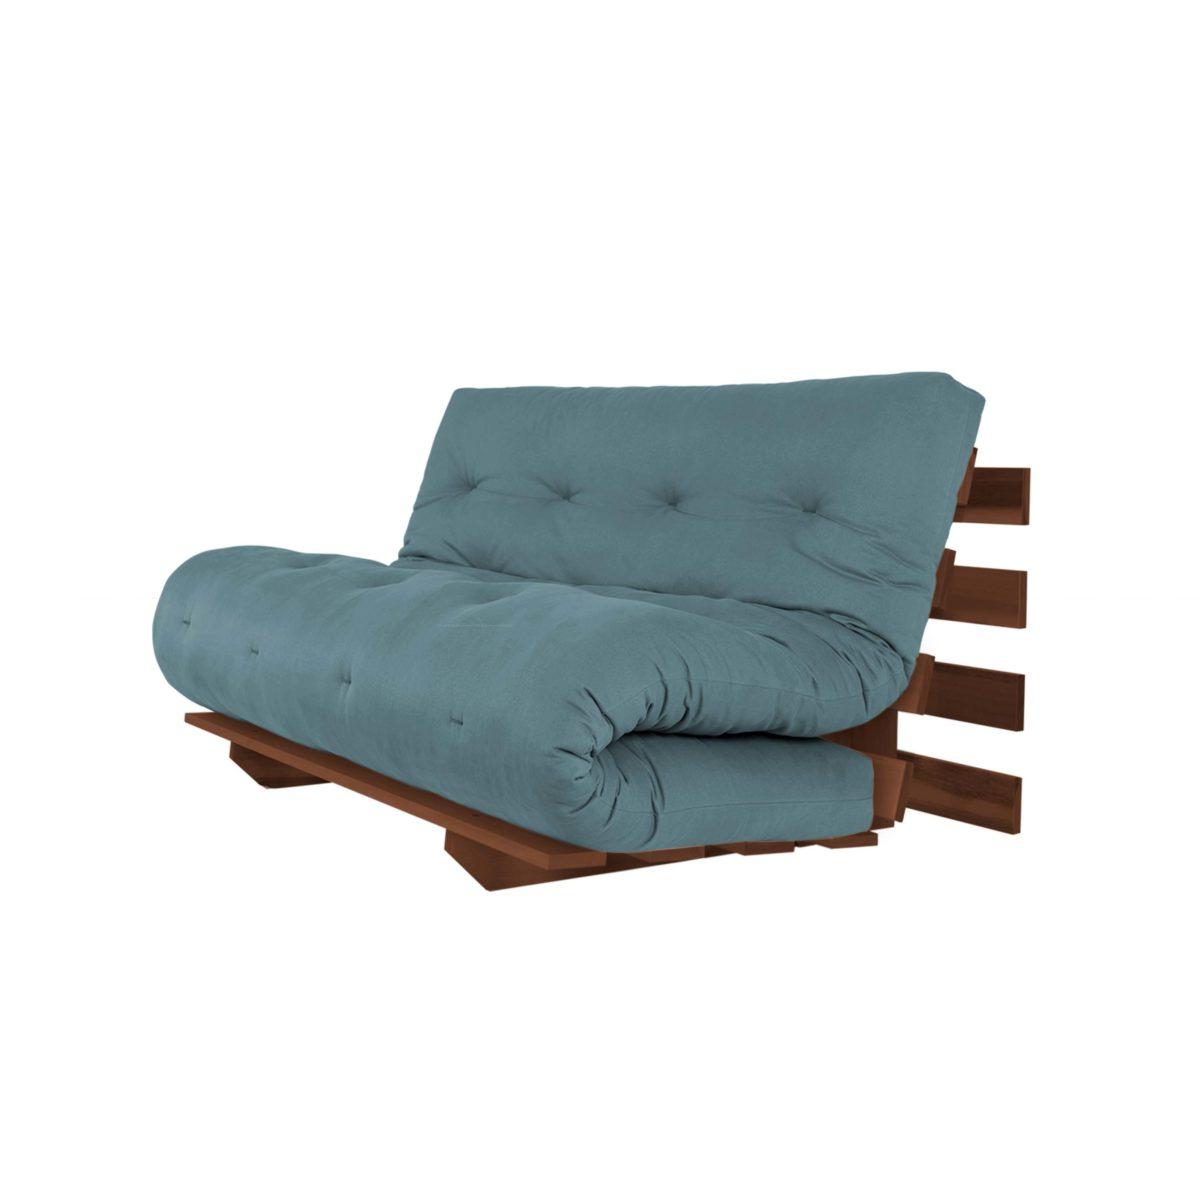 Sofa Japones Irdz sofa Japones Futon Pany Â